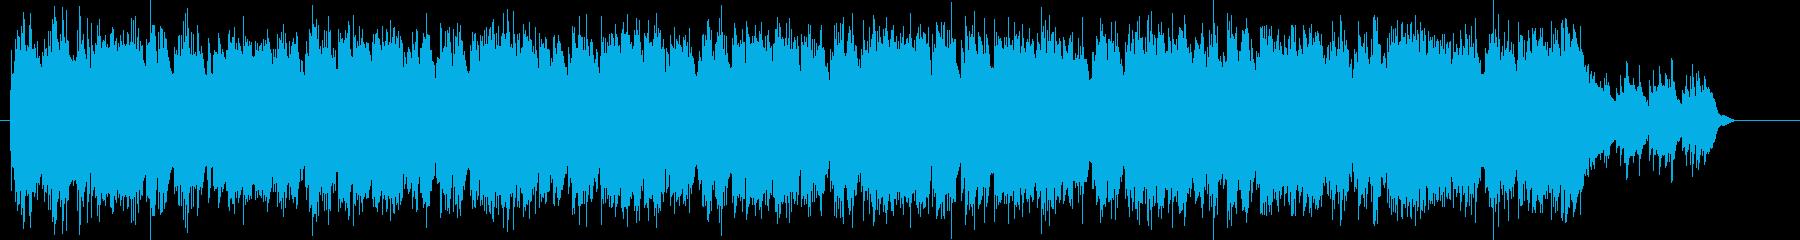 幻想的、神秘的なアコギアルペジオ/生演奏の再生済みの波形